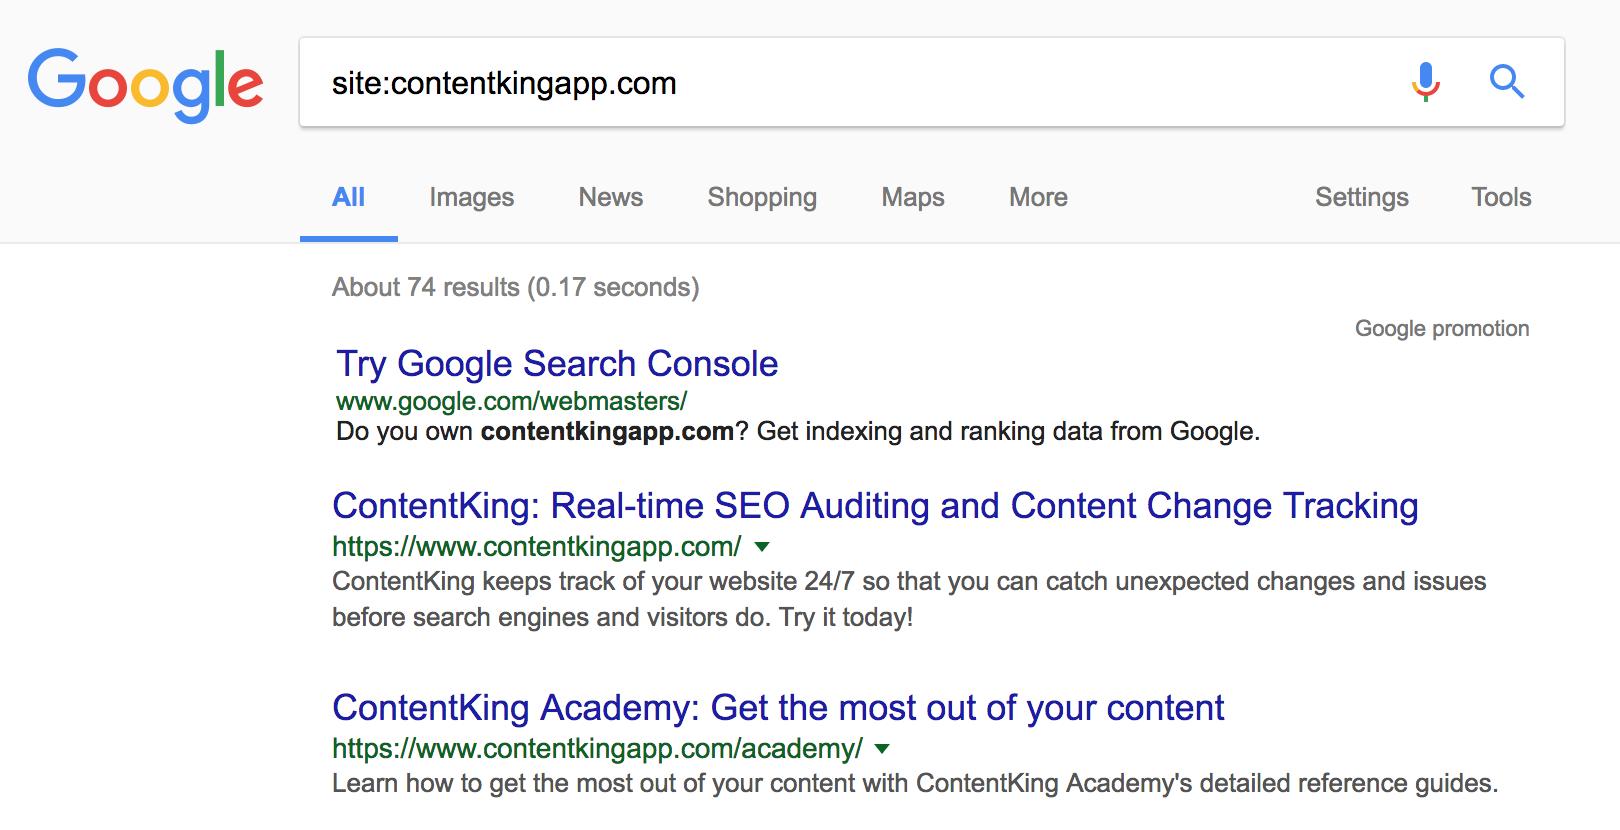 谷歌网站查询